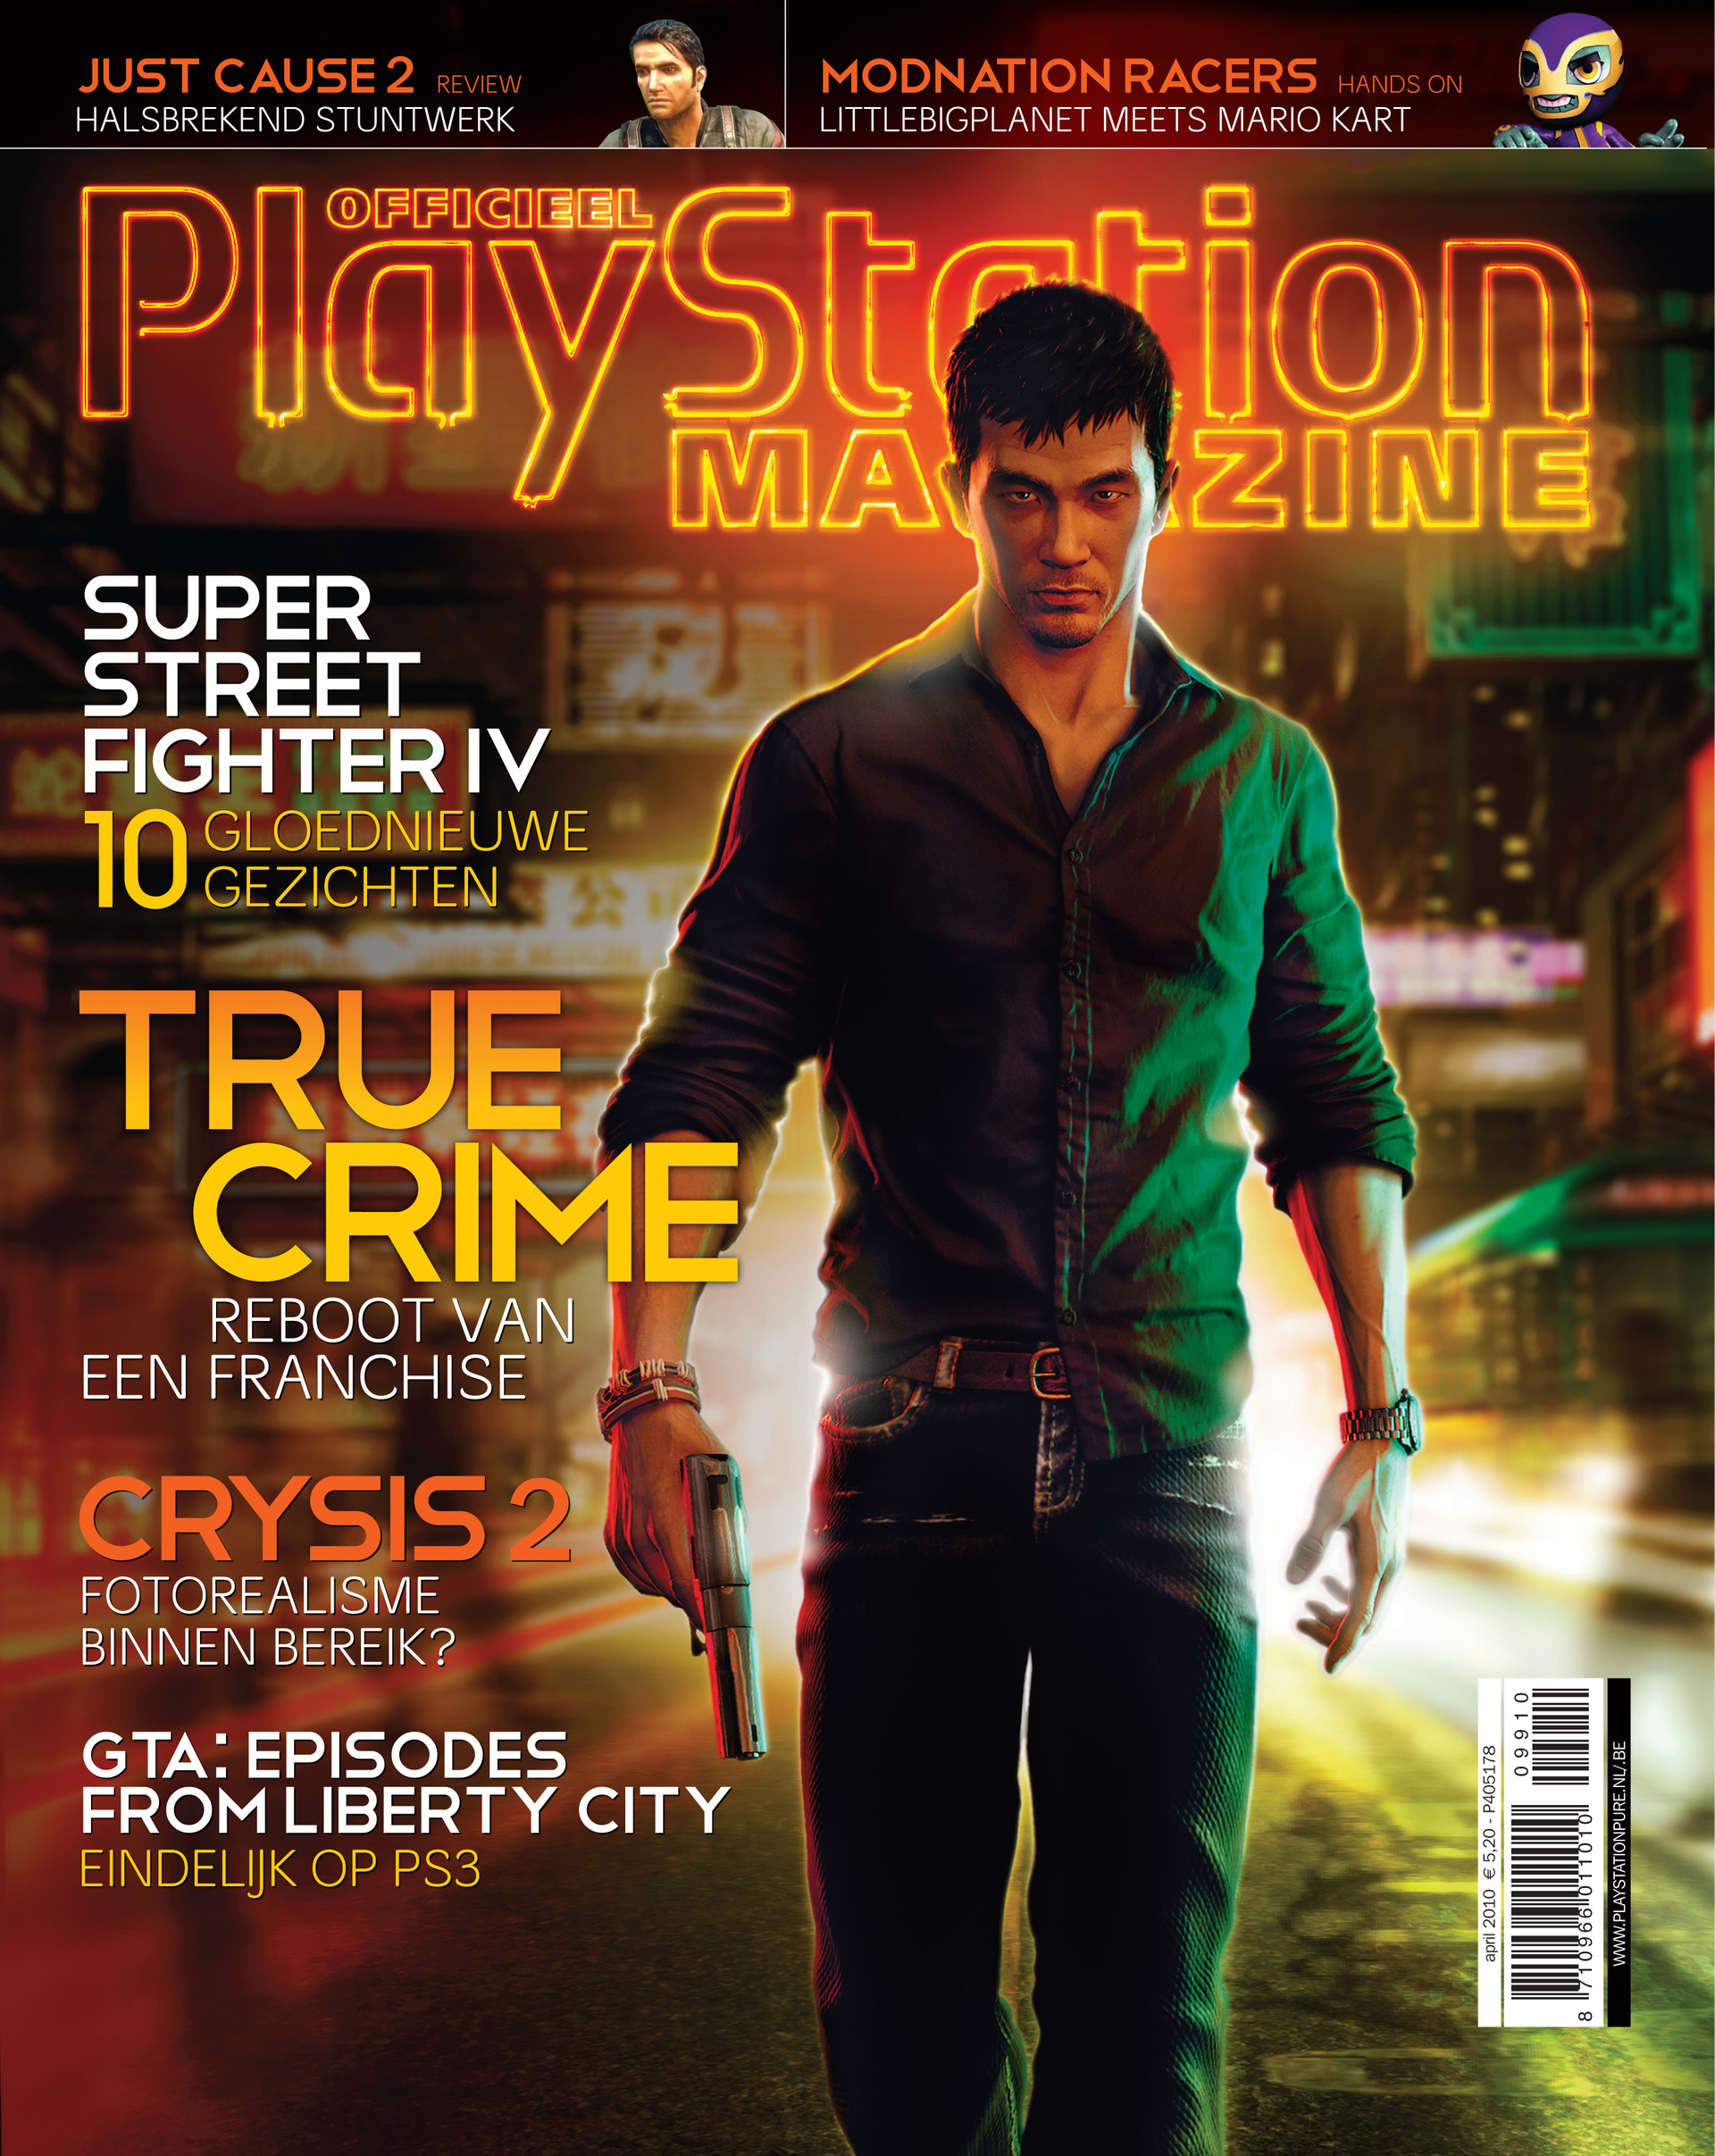 Tyler wilson true crime cover opm 99